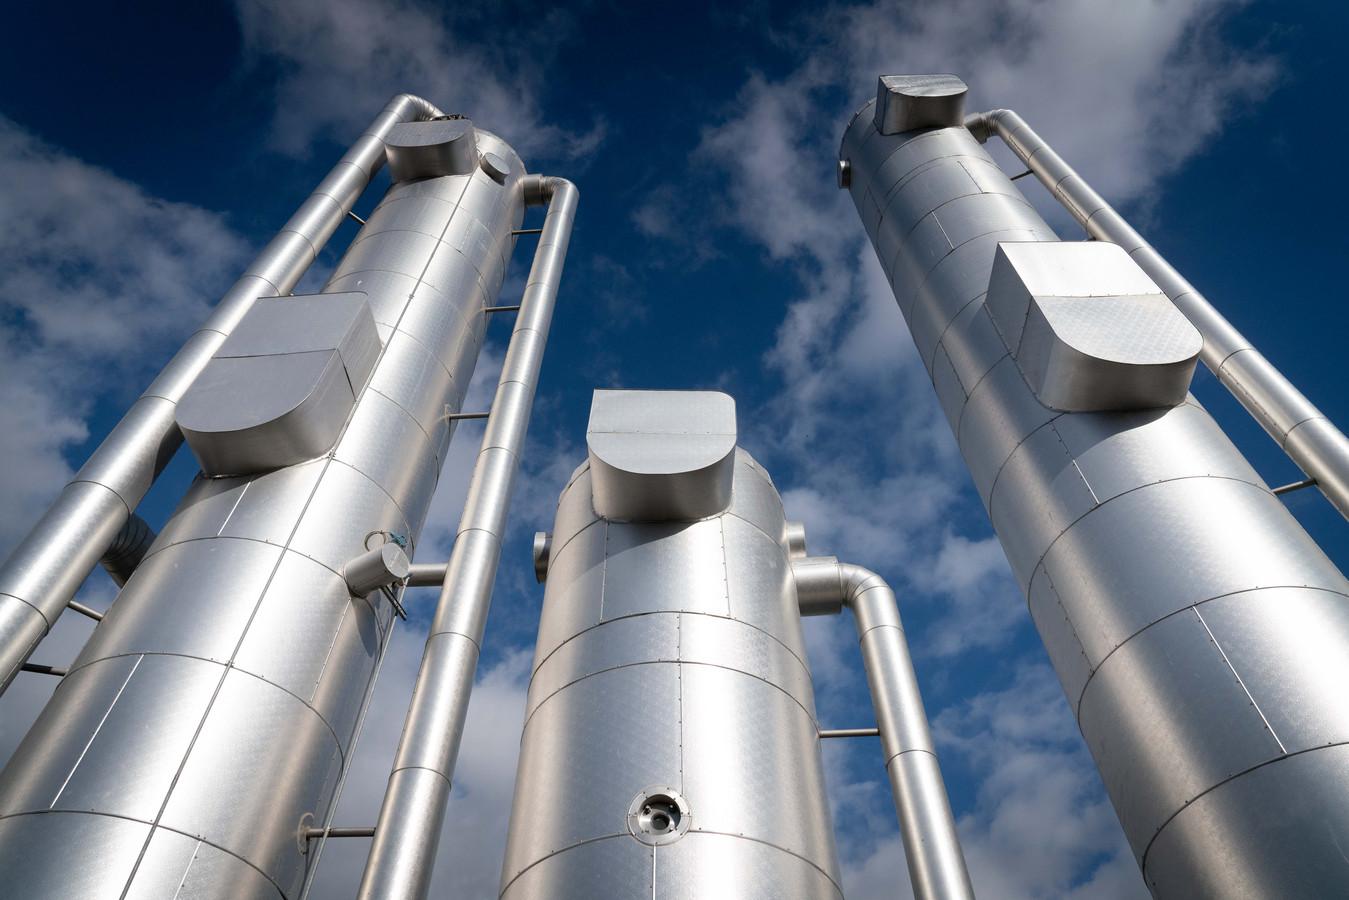 Het gas dat uit de koepels wordt gezogen, komt in deze installatie terecht. Daar wordt het afgekoeld en ontvochtigd.